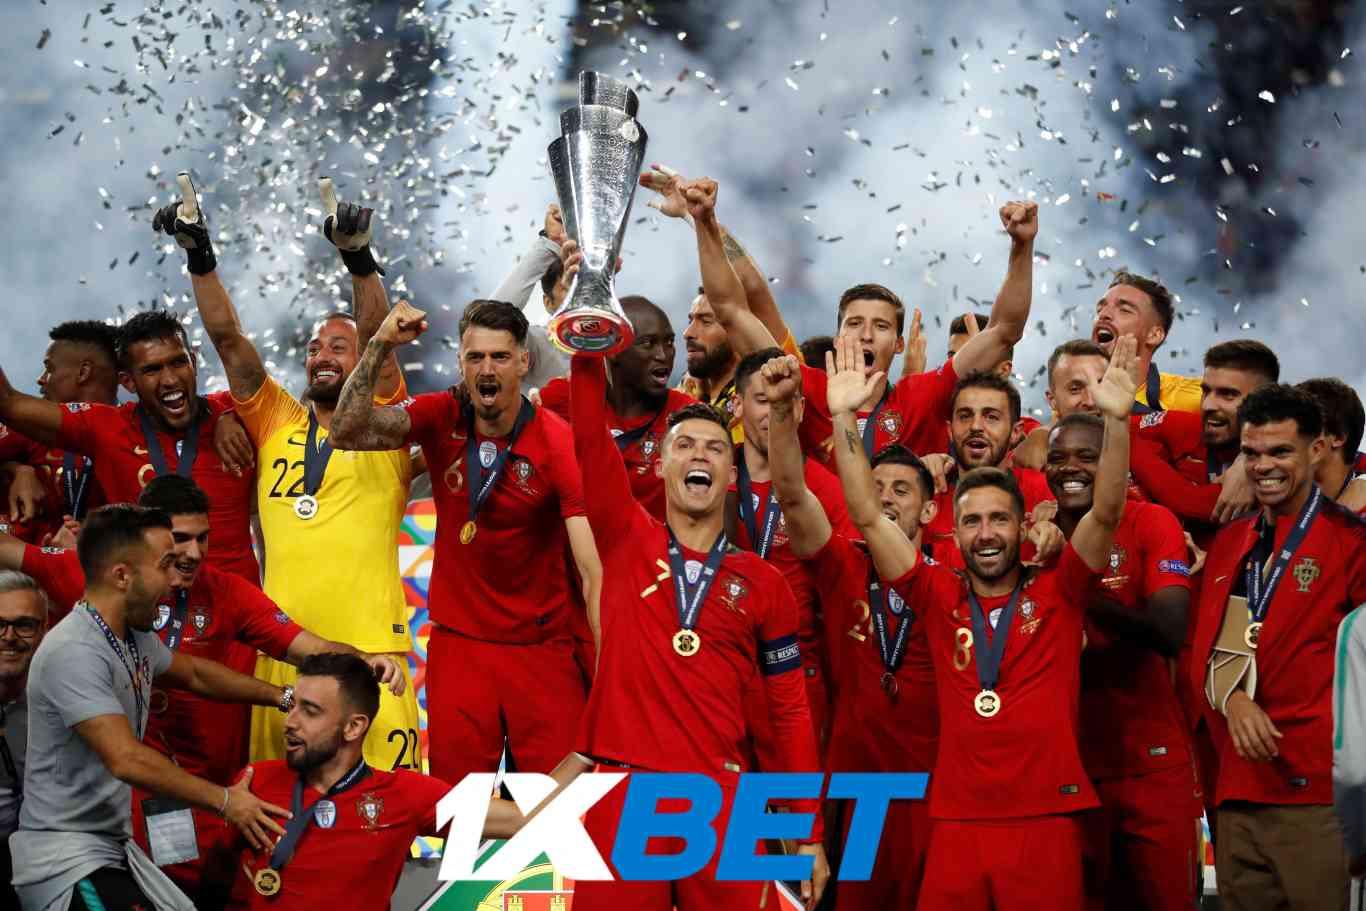 1xBet Portugal conjuntamente com você